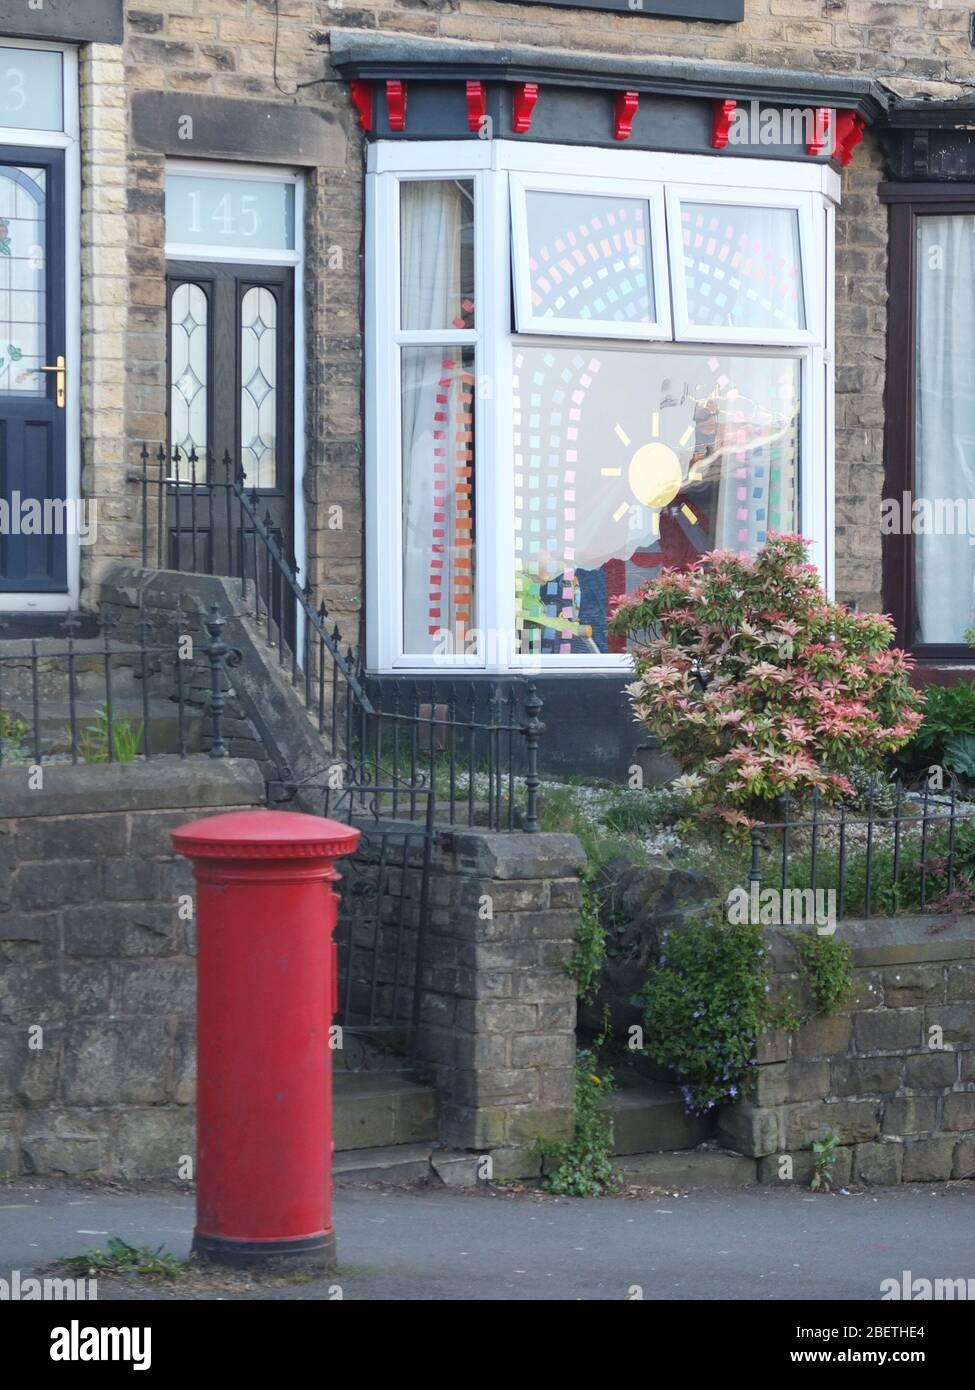 Muestra de papel cortado de color que forma el símbolo de un arco iris y sol como mensaje de esperanza durante la crisis del Coronavirus en la ventana de la bahía de la casa del Reino Unido Foto de stock